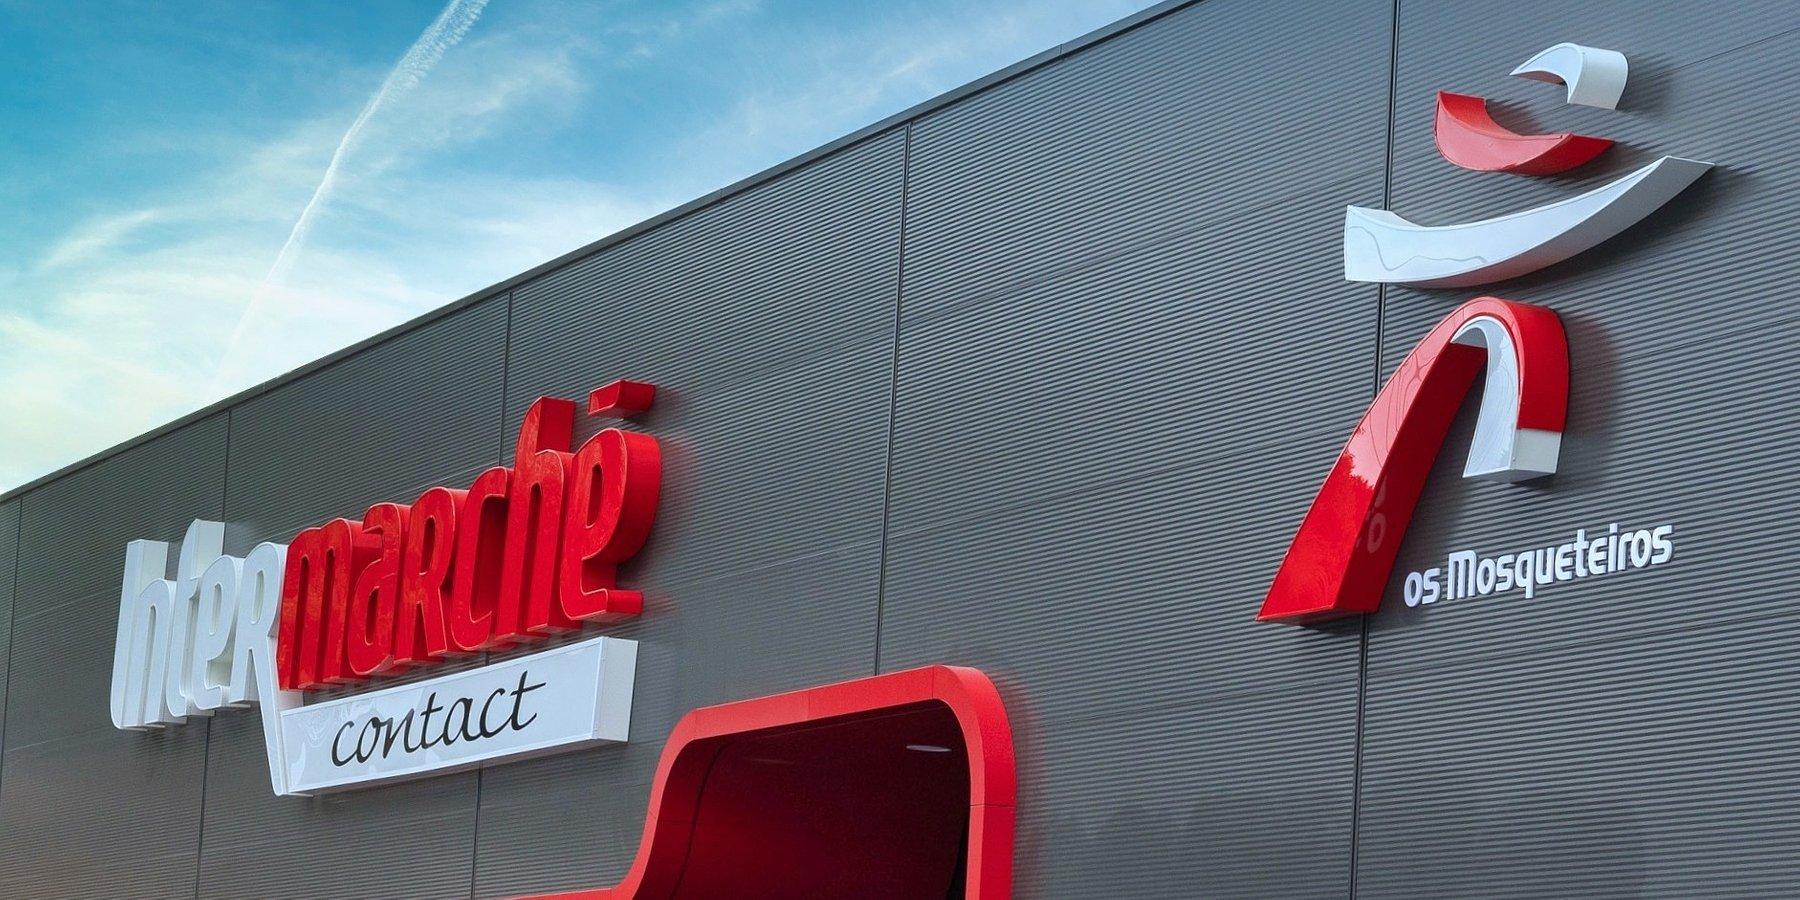 Intermarché abre nova loja em Alcanede